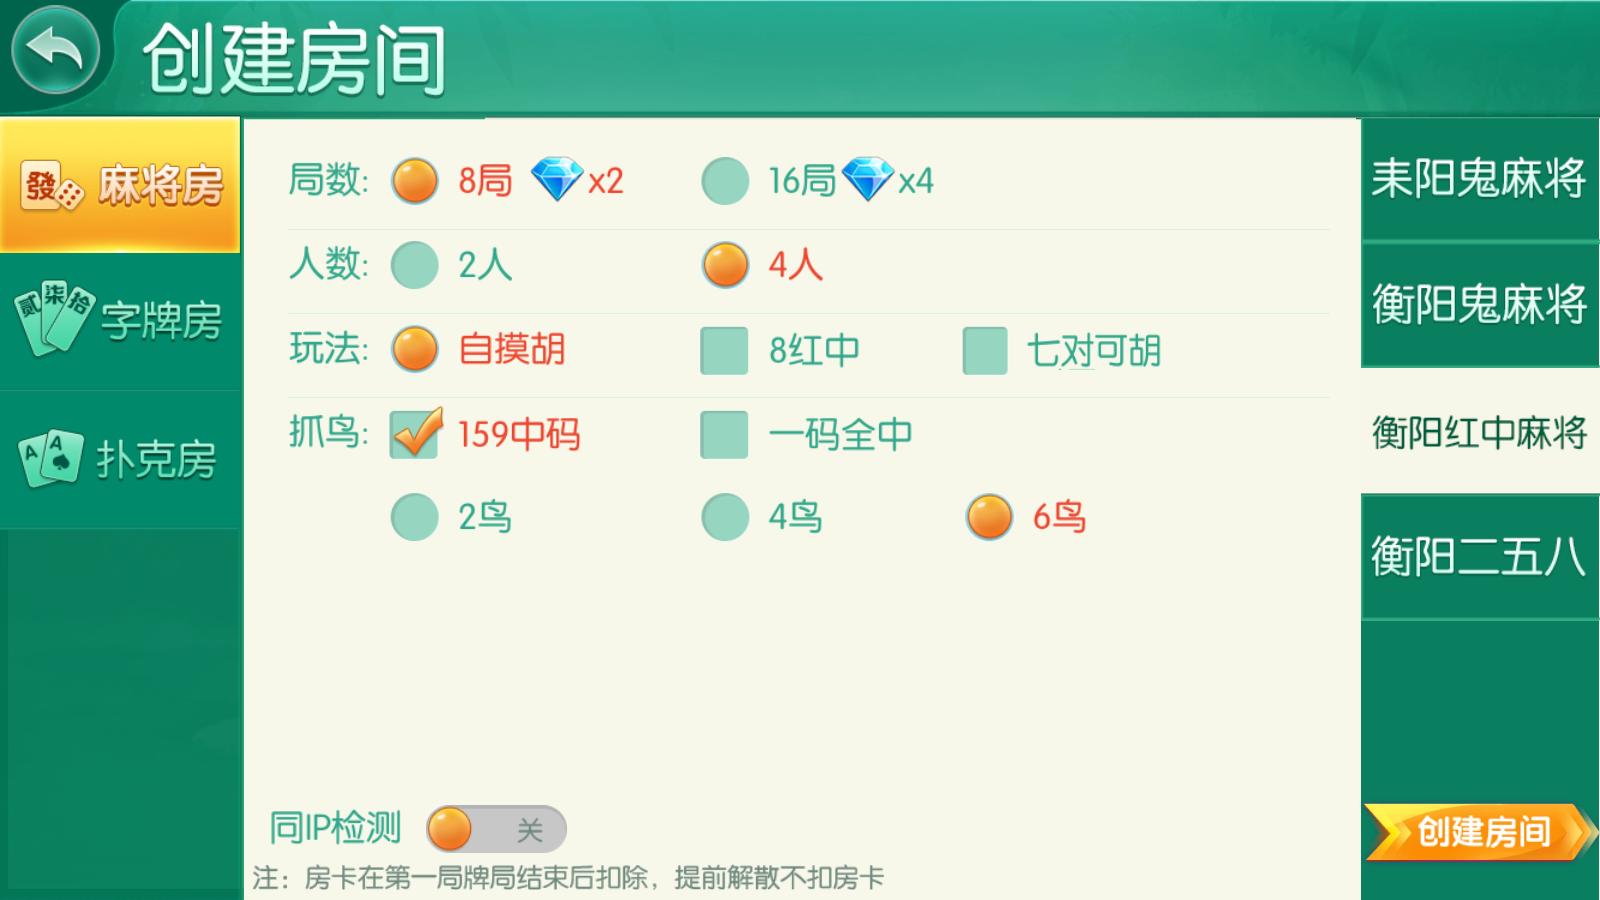 网狐二开跑胡子合集 麻将游戏 字牌游戏 扑克游戏 完整整理-第9张